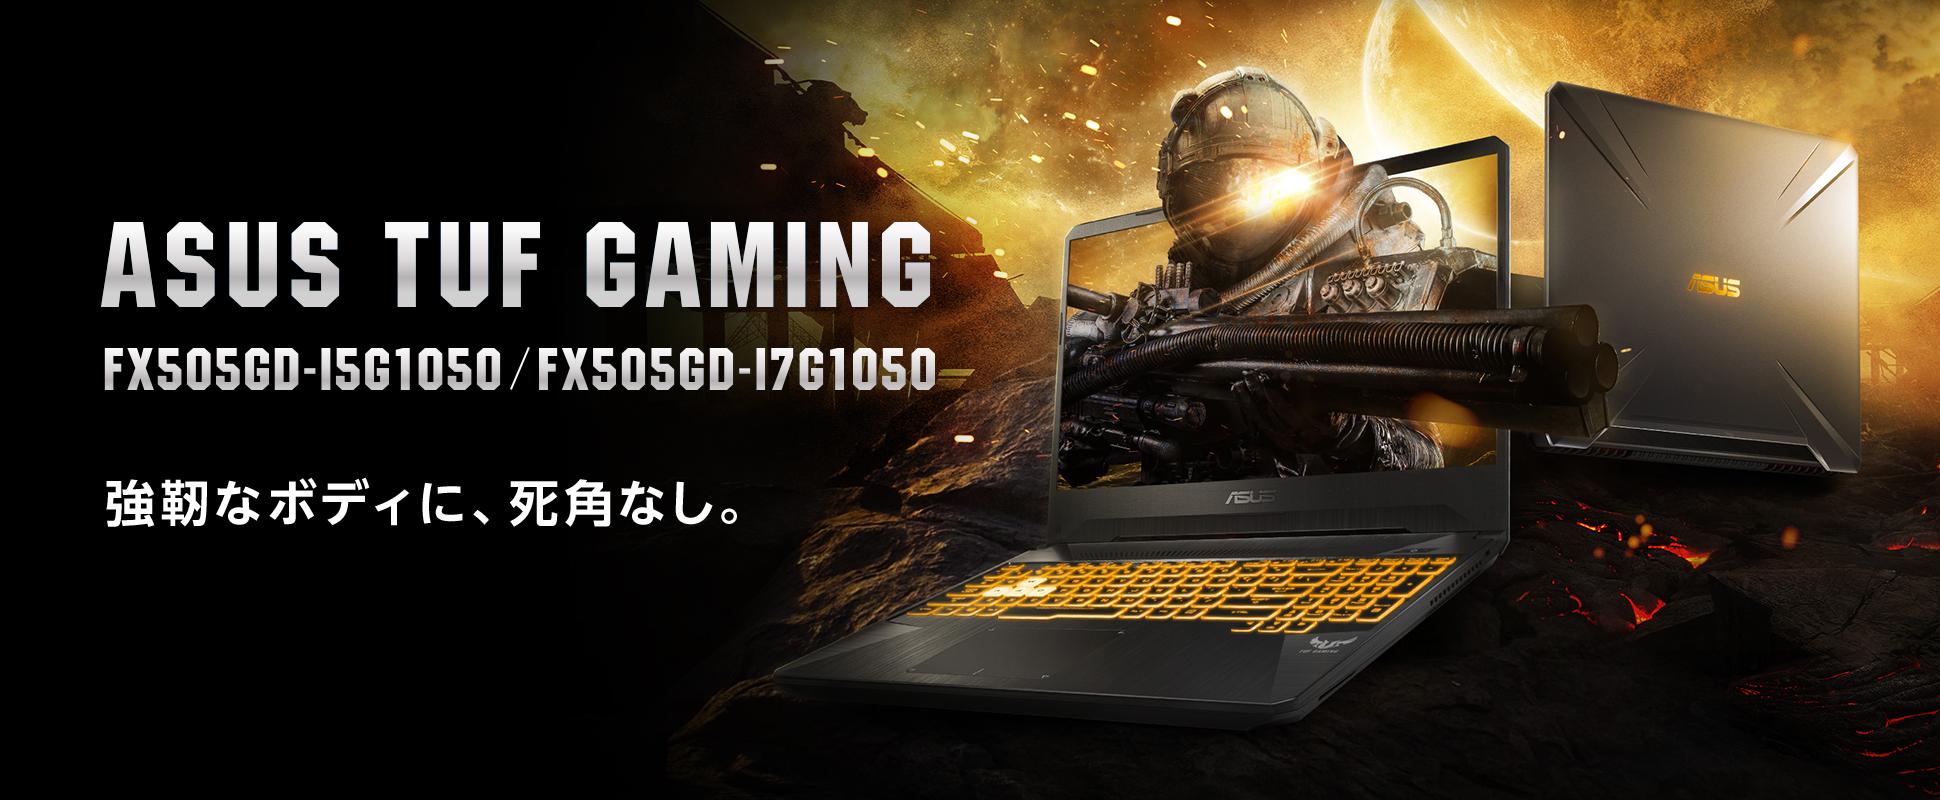 FX505GD